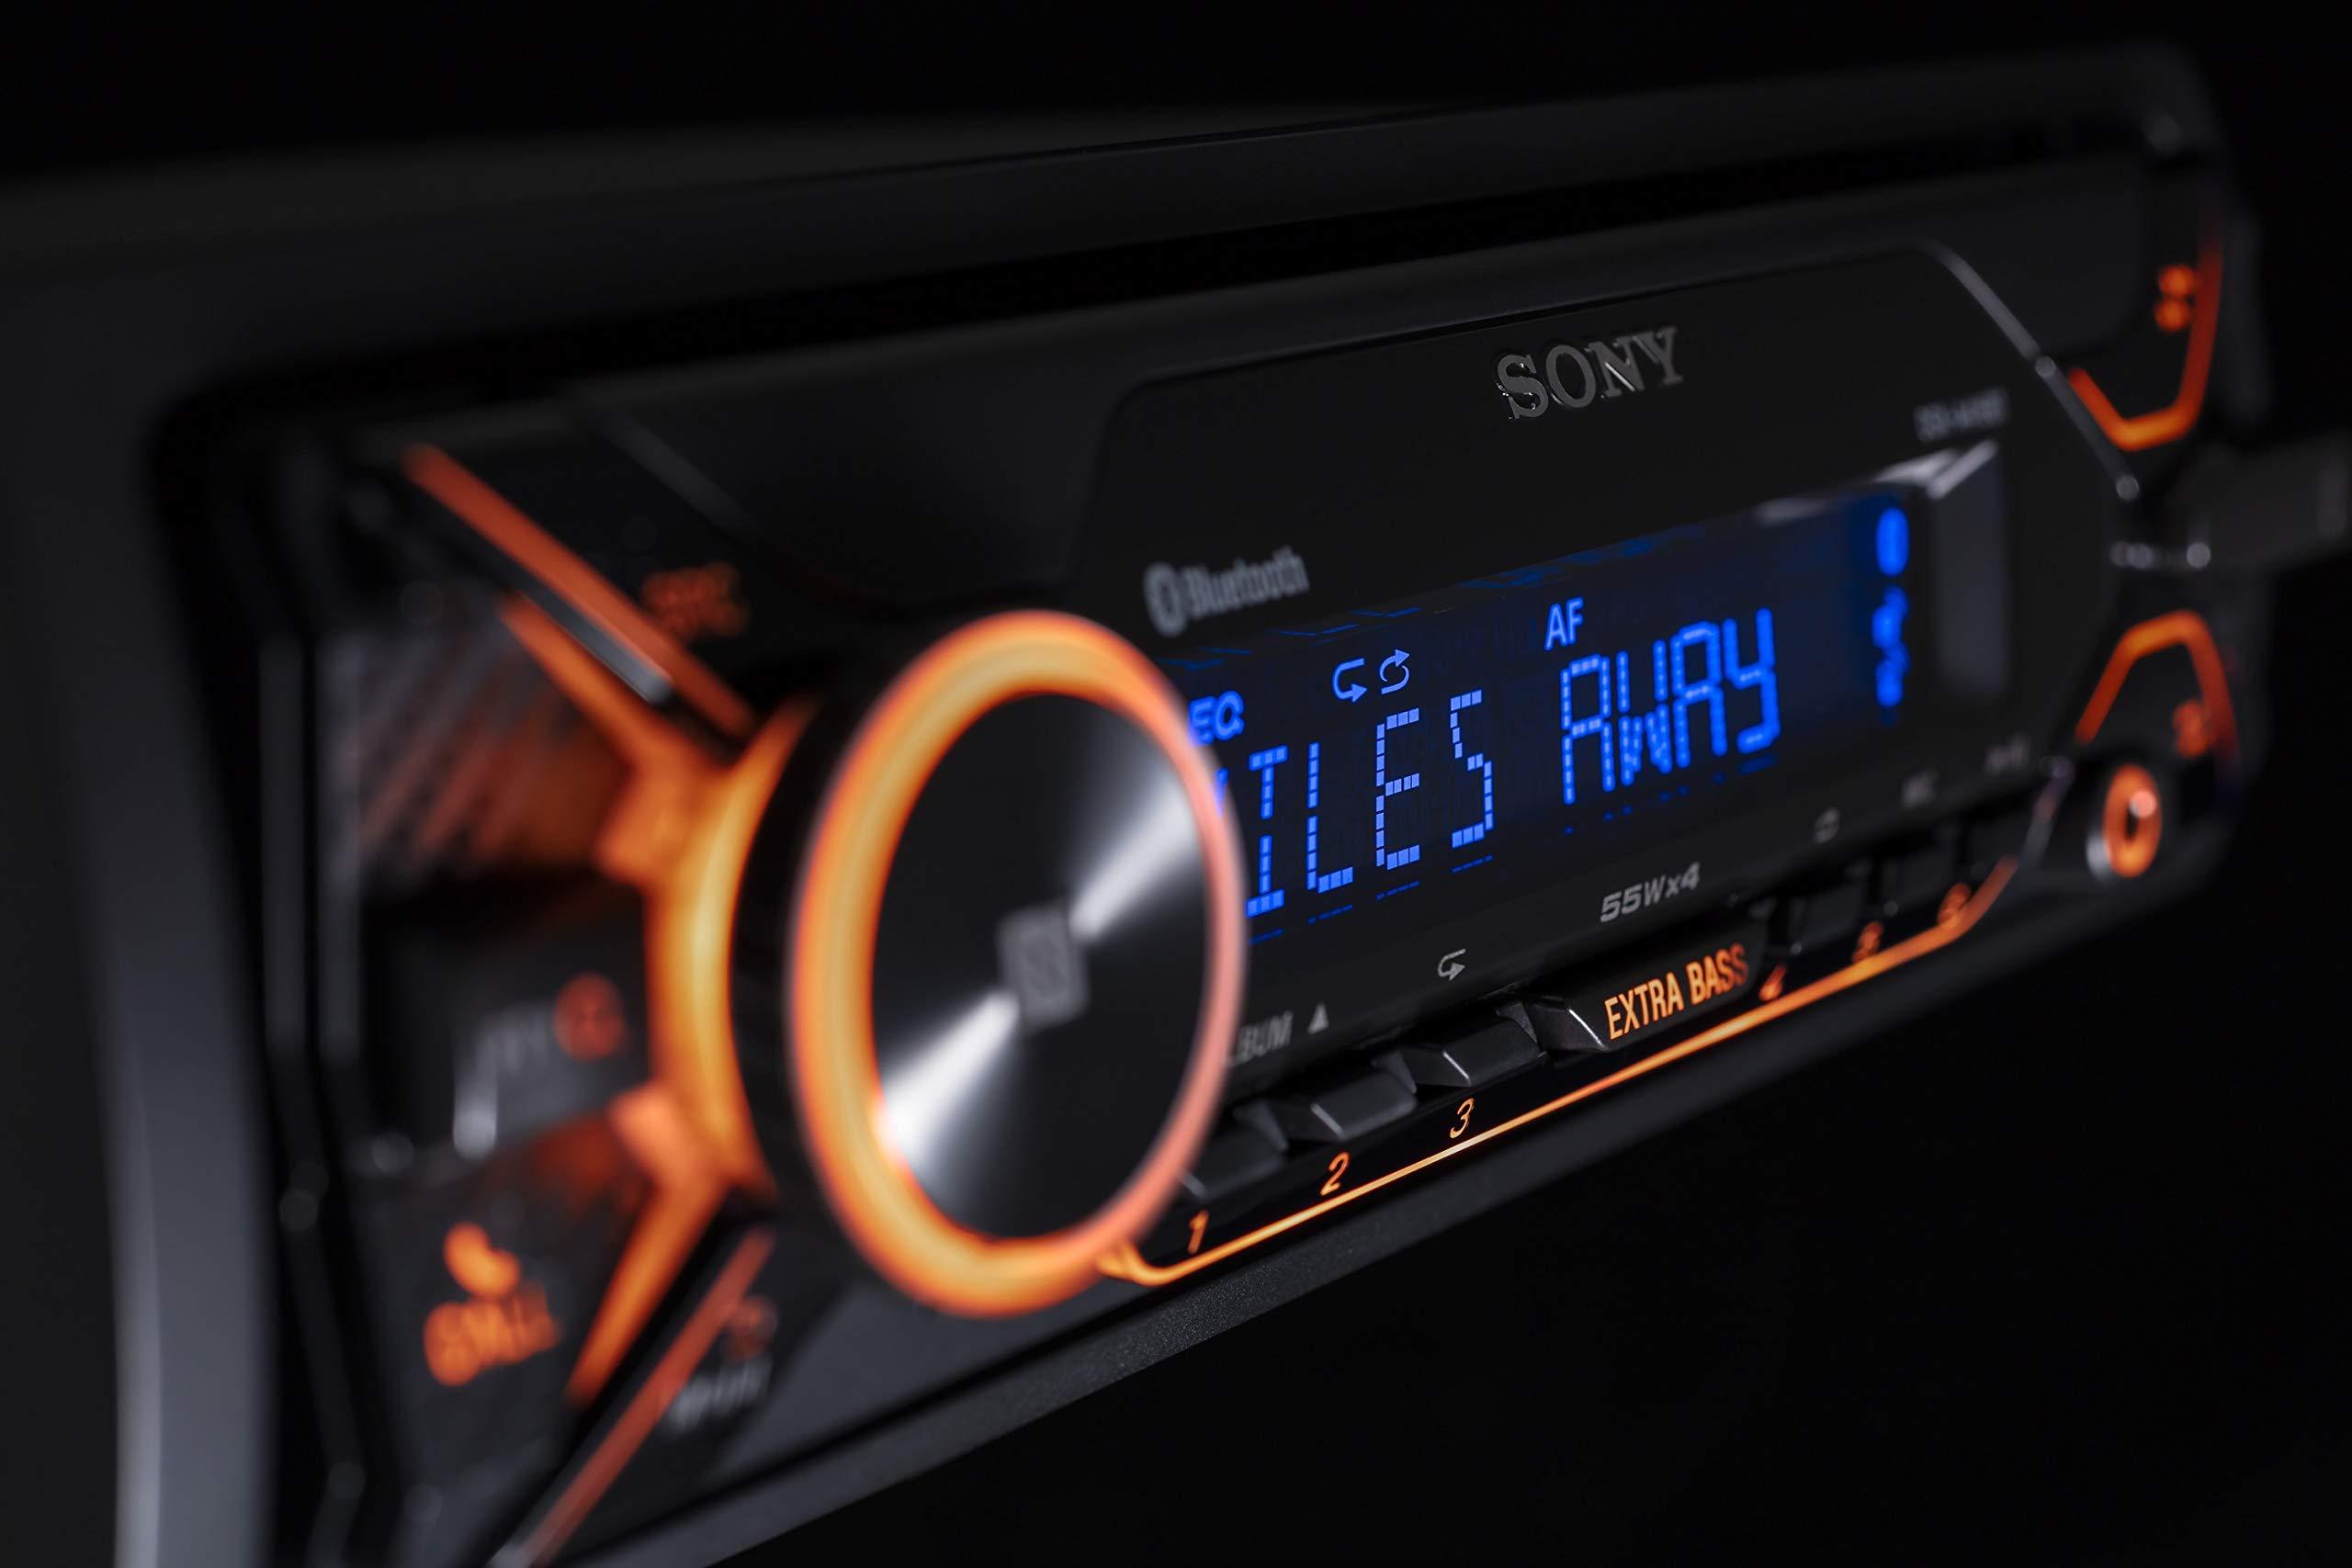 ضبط (هد یونیت) سونی SONY DSX-A416BT